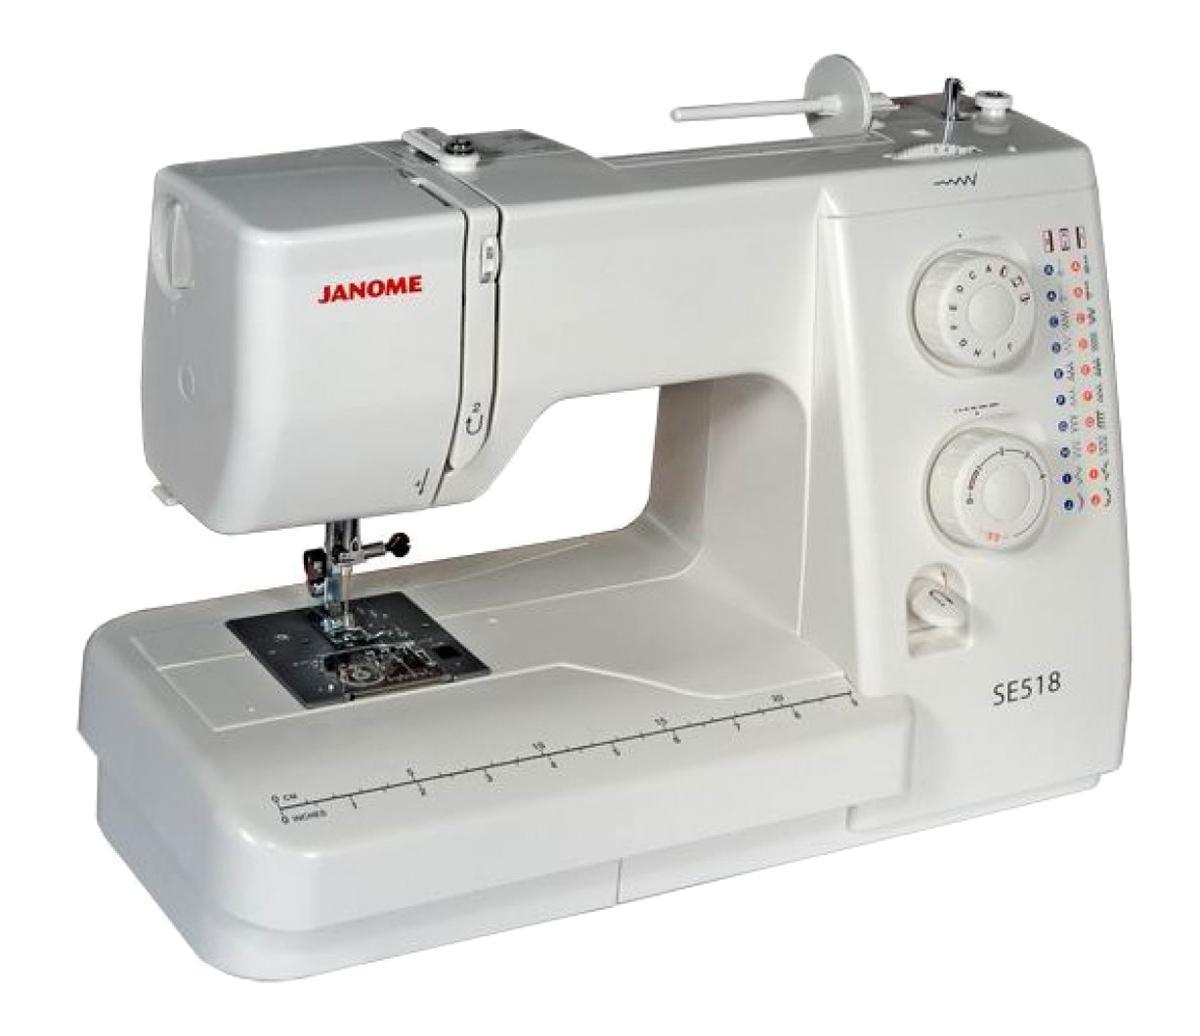 Janome SE 518 швейная машинаSE518Простая и удобная в эксплуатации швейная машина идеально подходиткак для начинающих, так и для более опытных пользователей.Функция петля-полуавтомат позволит Вам быстро и качественно выполнитьпетли различной длины. Машина работает с различными видамитканей. С регулятором длины и ширины стежка Вам удастся еще большеразнообразить свою работу. Отличительные особенности:Электромеханическая швейная машина 21 швейная операция - рабочие строчки- потайные строчки - оверлочные строчки - трикотажные строчки- декоративные строчки- петля-полуавтомат- Регулировка длины стежка от 0 до 4 мм - Регулировка ширины зигзага до 5 мм- Регулятор натяжения верхней нити- Горизонтальный челнок - Рычаг обратного хода- Переключатель регулятора скорости на педали - Легко пристегивающаяся лапка - Дополнительный подъём лапки- Регулятор давления лапки на ткань - Встроенный нитеобрезатель - Переключатель нижнего транспортера- Горизонтальный катушечный стержень - Свободный рукав с выдвижным отсеком для хранения аксессуаров